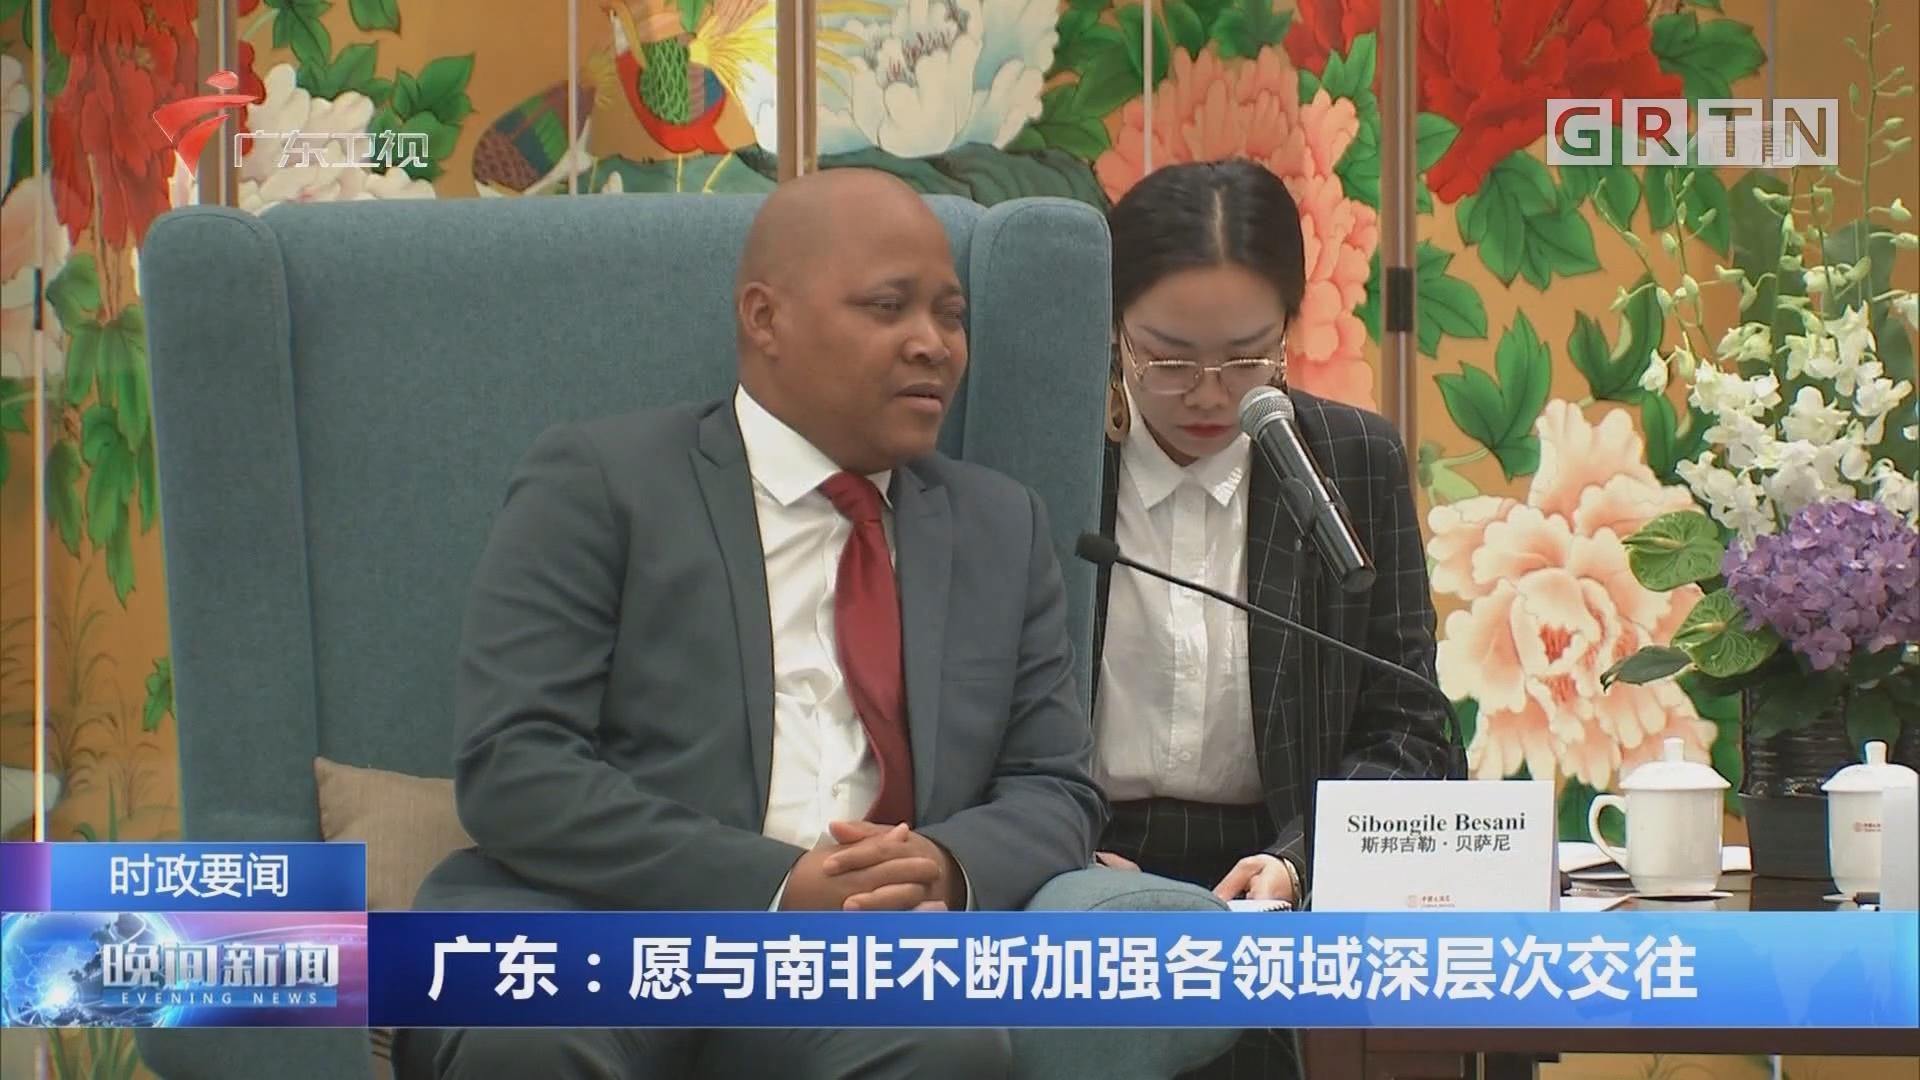 广东:愿与南非不断加强各领域深层次交往